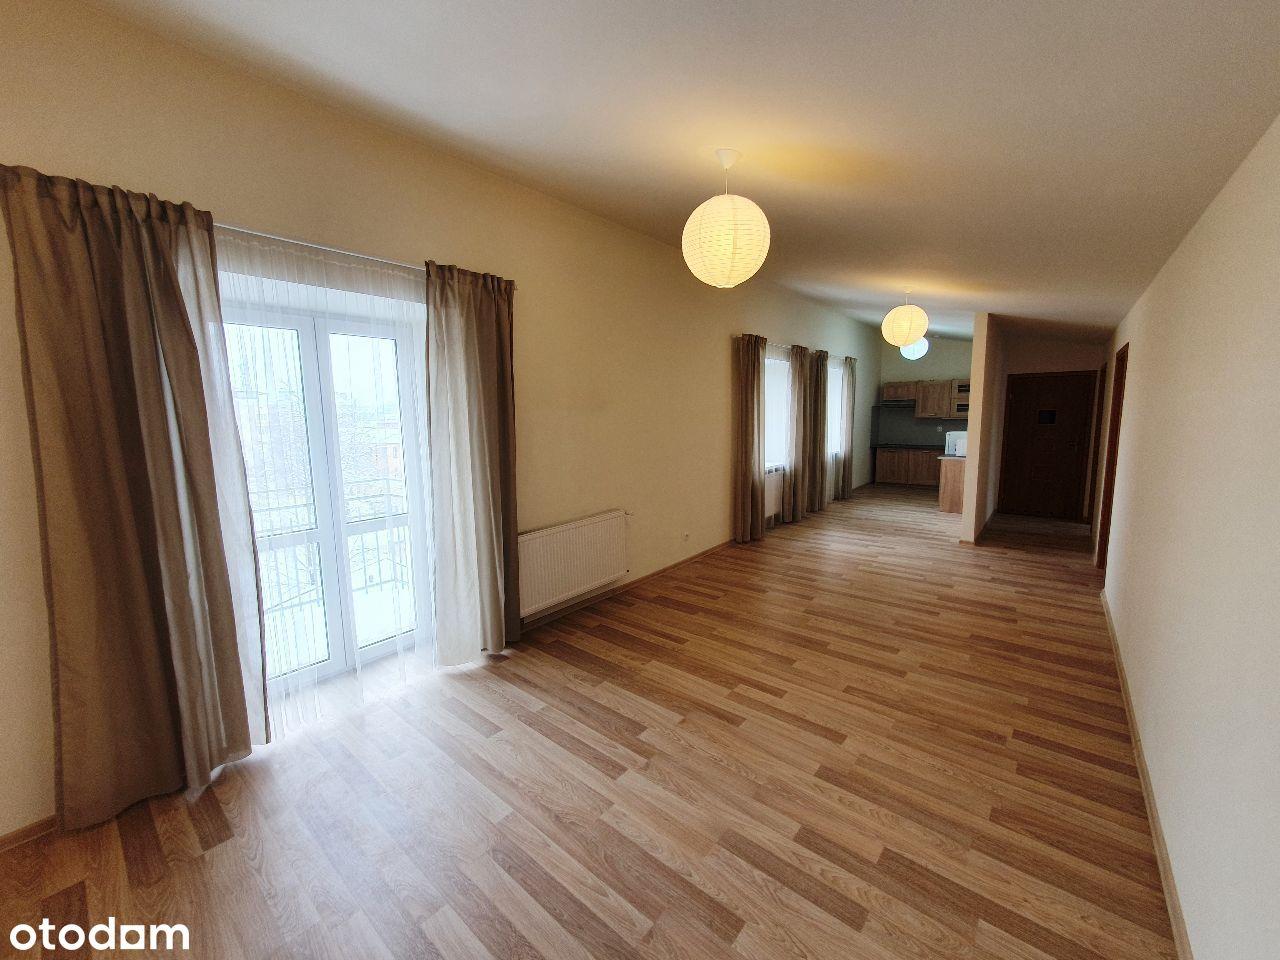 Mieszkanie na sprzedaż, Łódź, Śródmieście